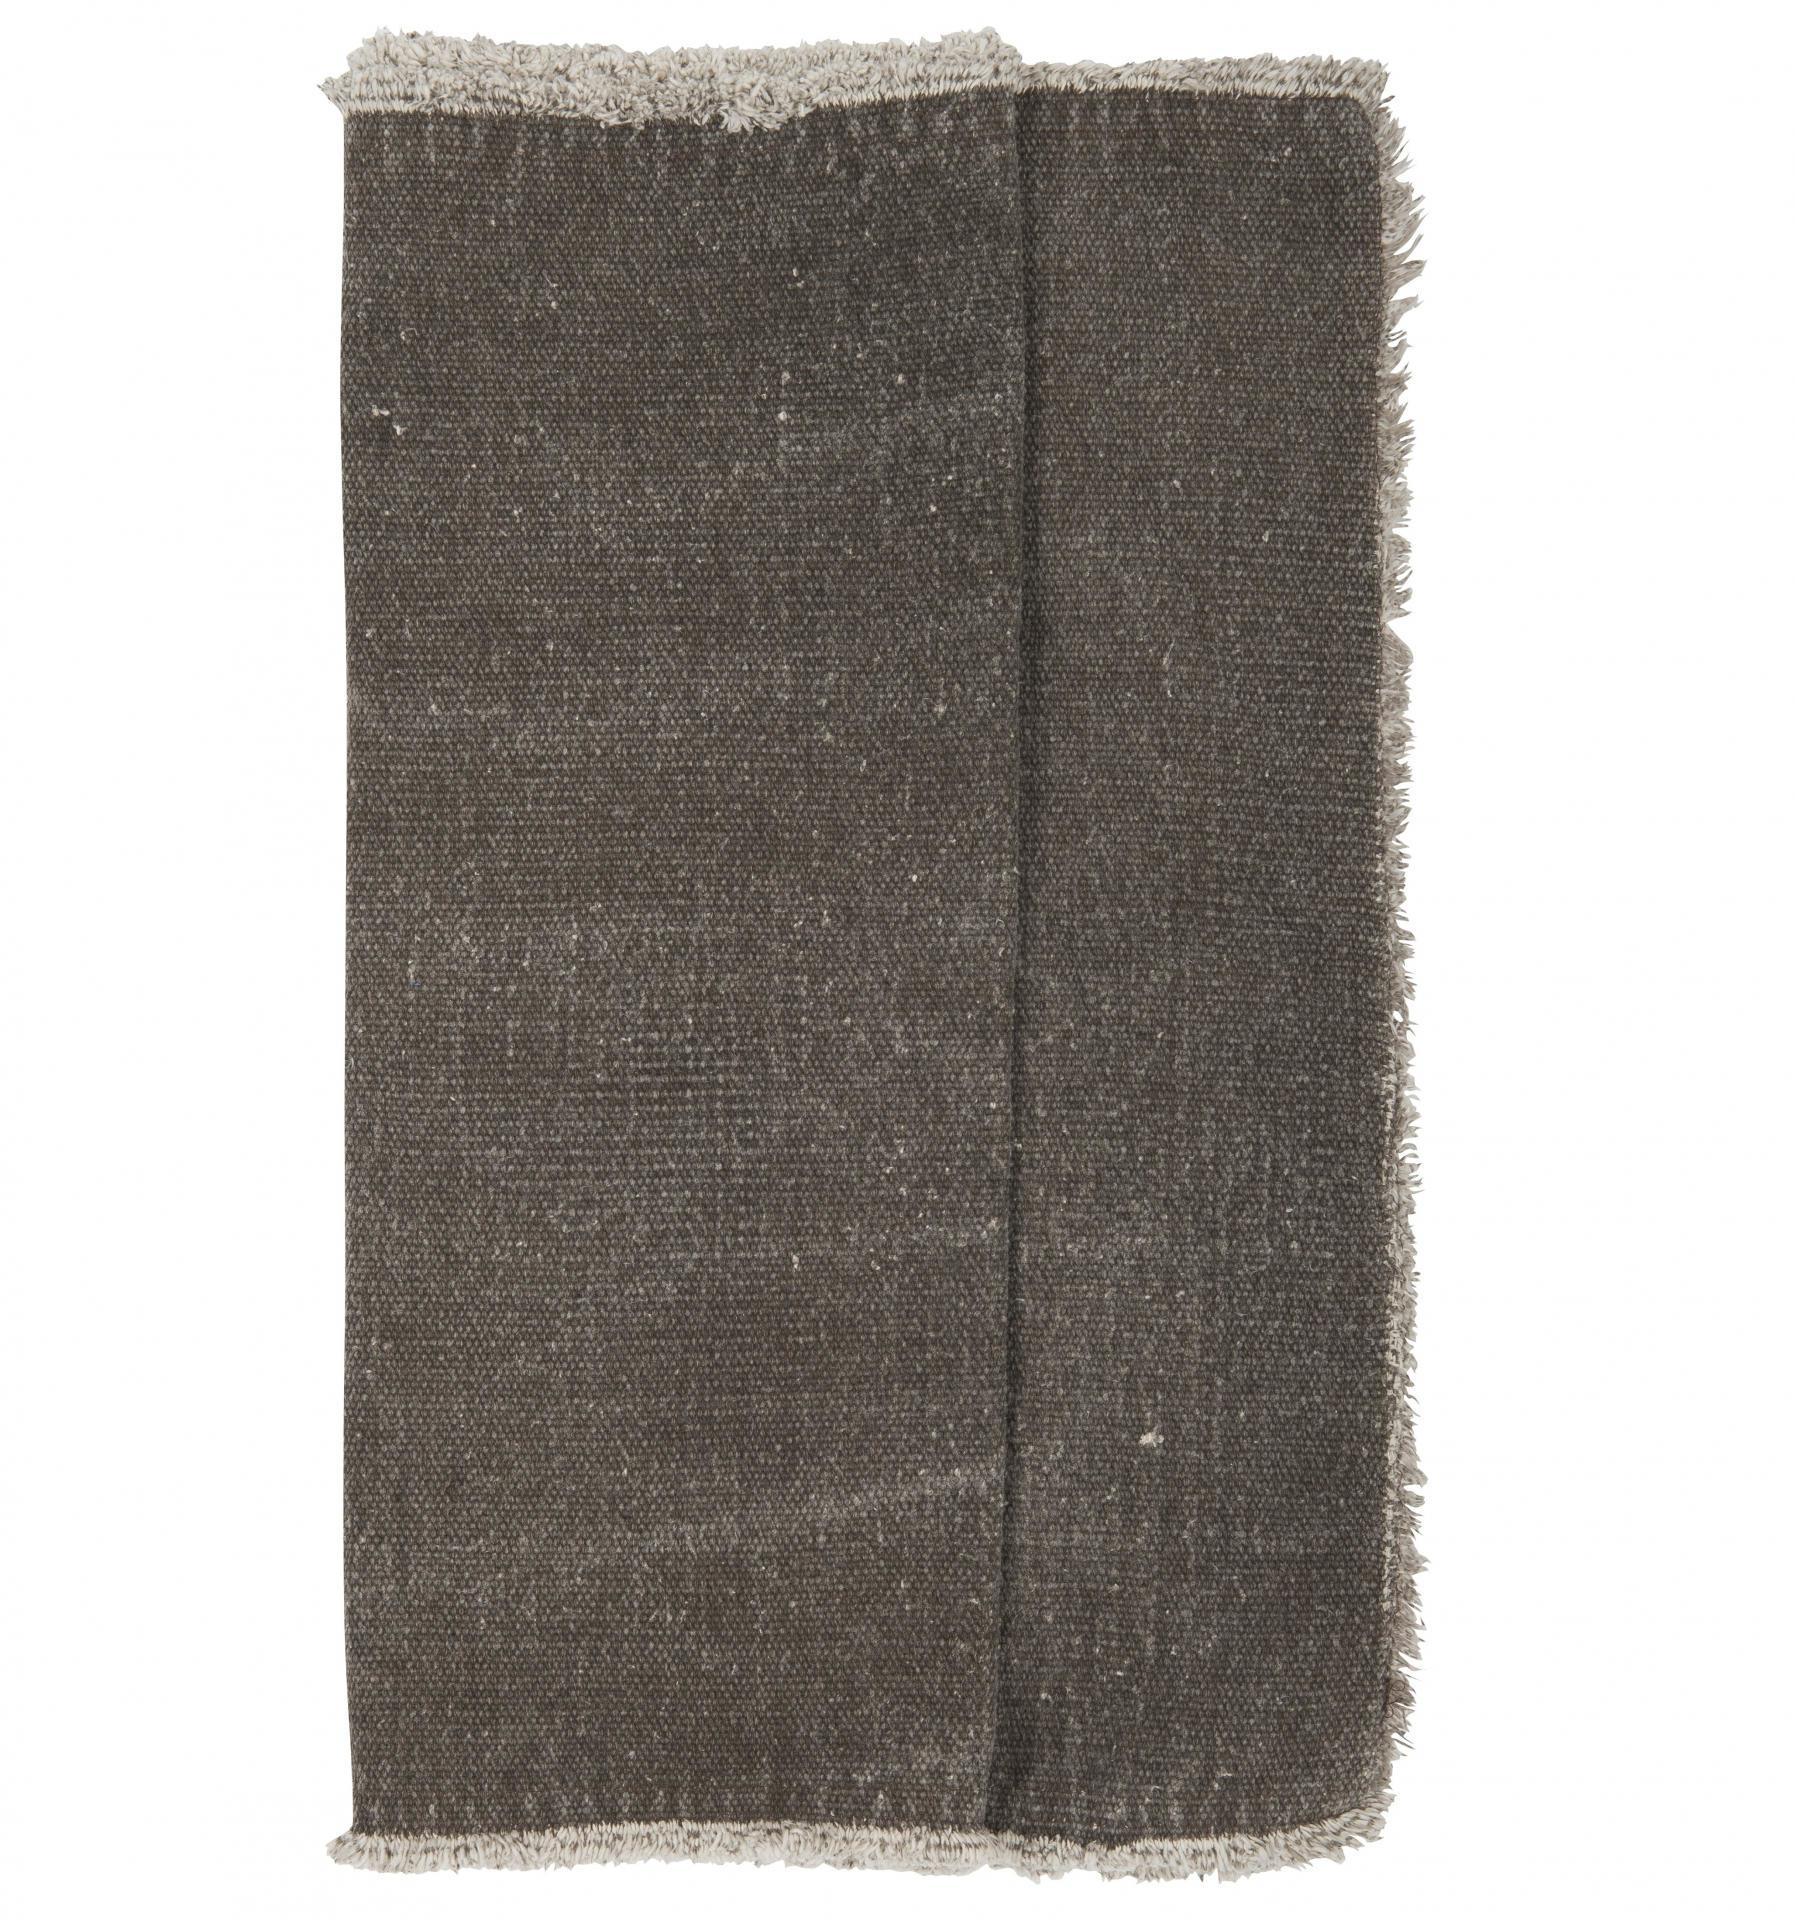 IB LAURSEN Běhoun na stůl Brown, hnědá barva, textil